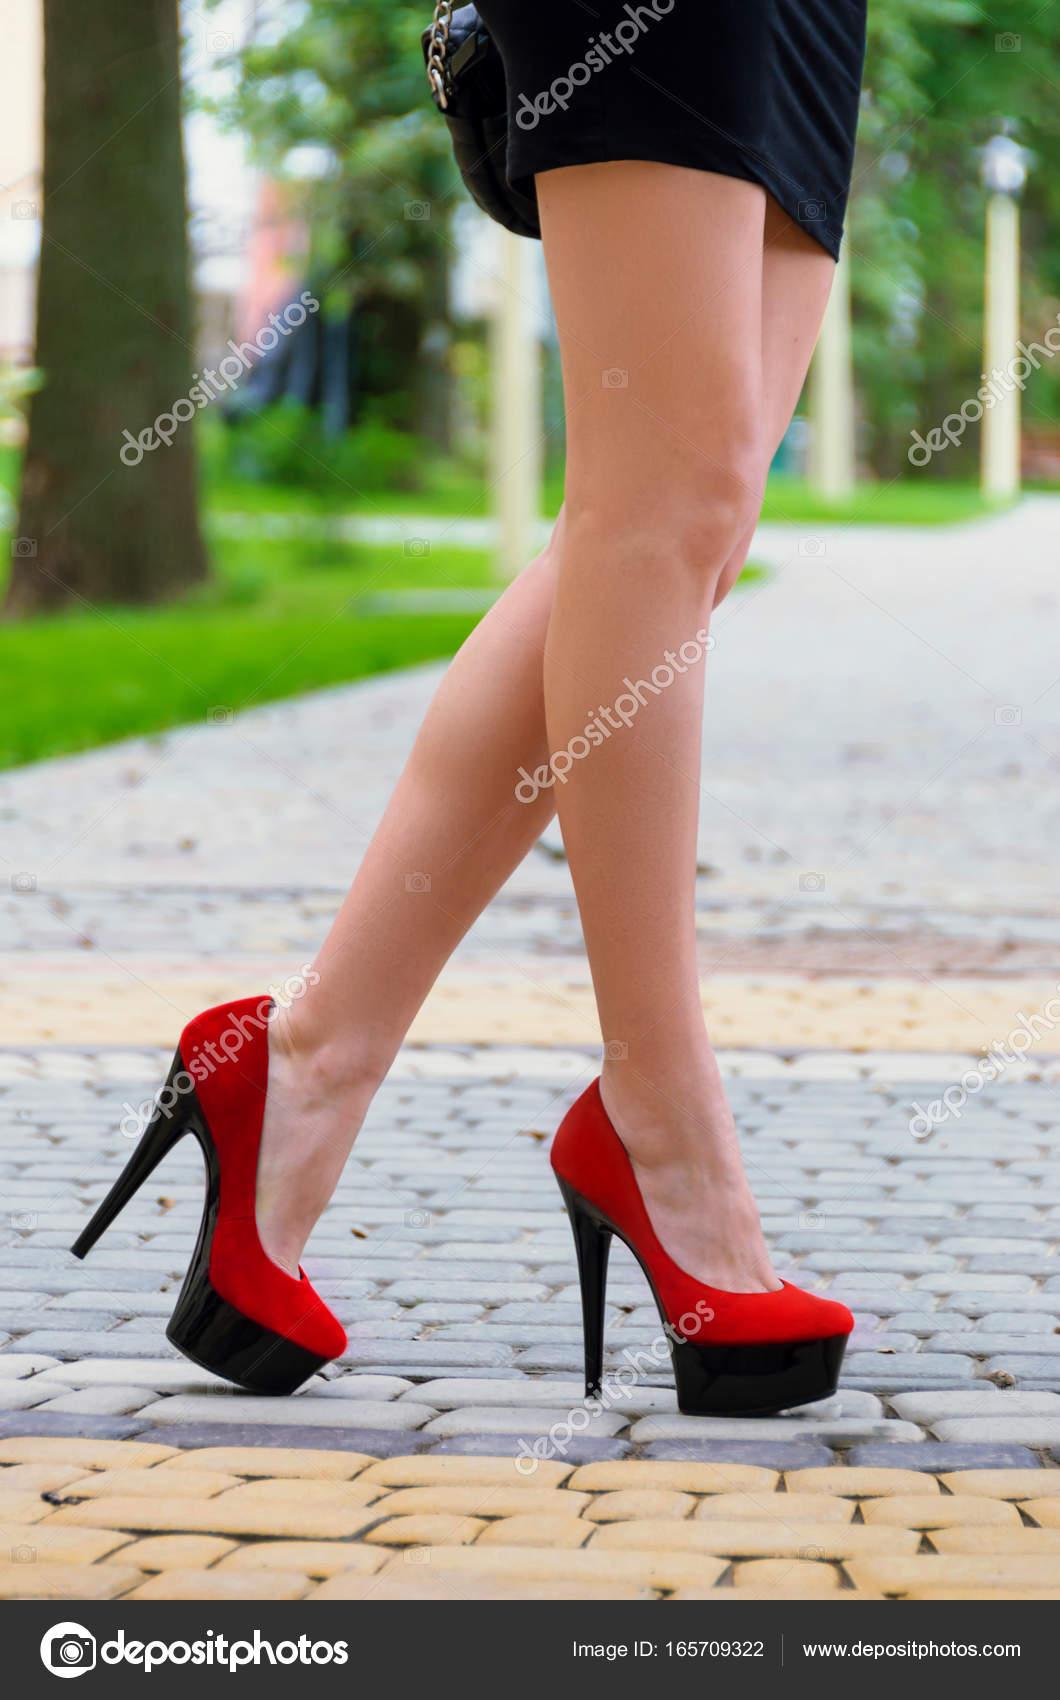 Scarpe Sono Lunghi Tacco Snelli A In Piedini Calzati Rosse Femminili WqSfgWnwB